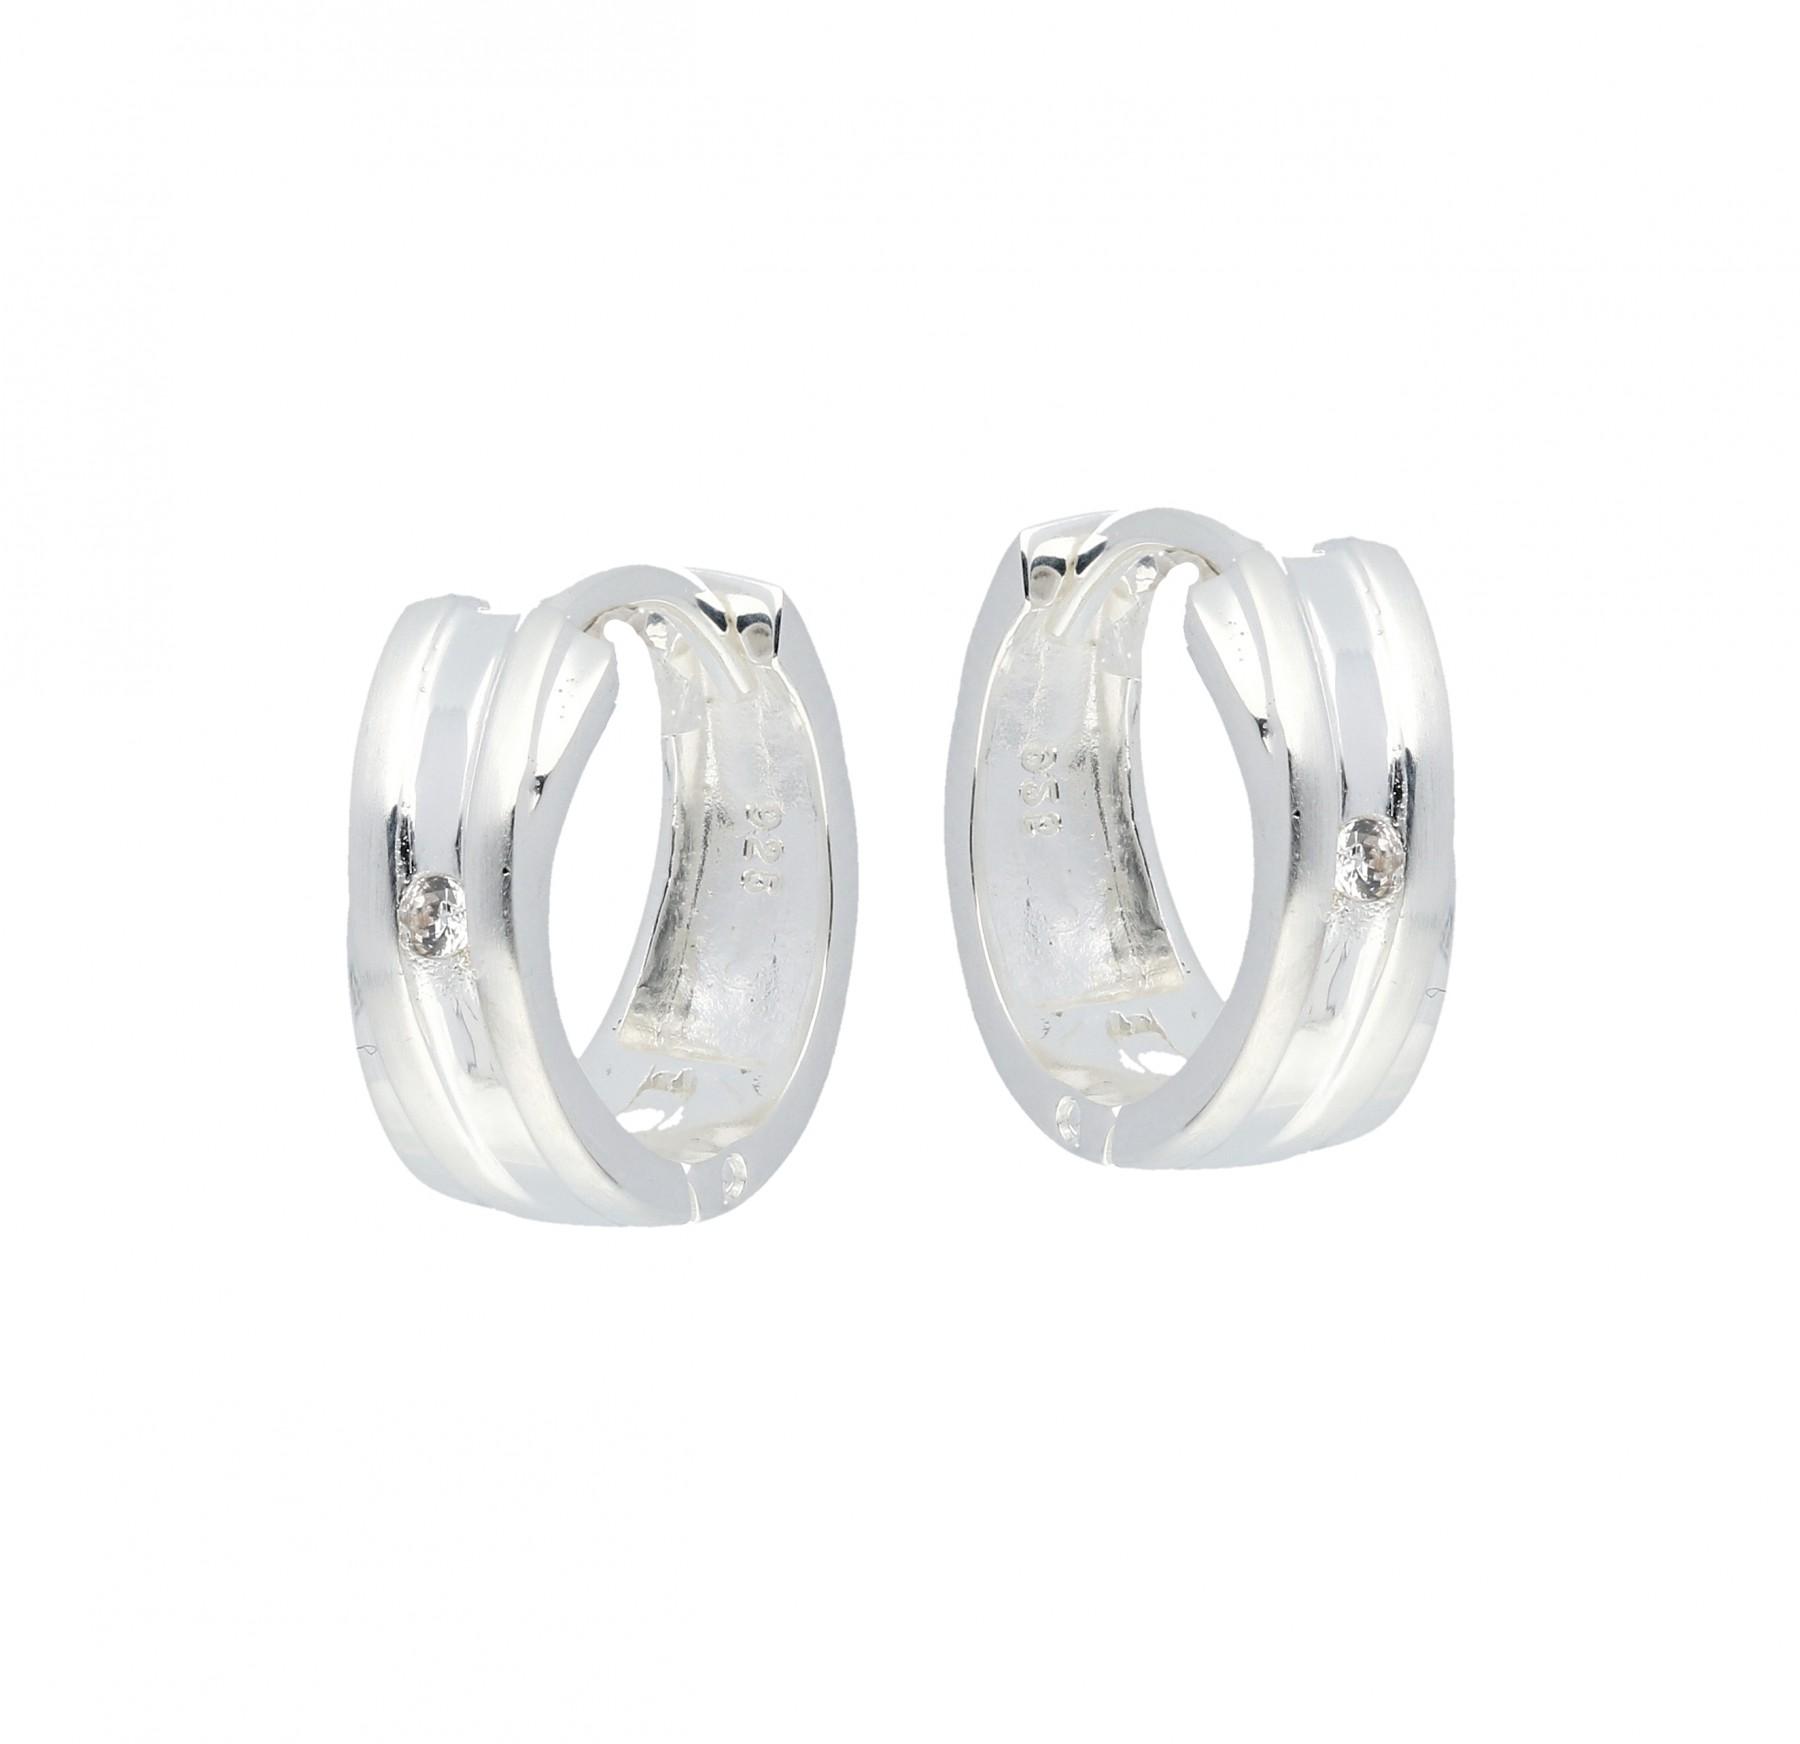 Zilveren klapcreolen - mat glanzend - zirkonia  107.0655.00